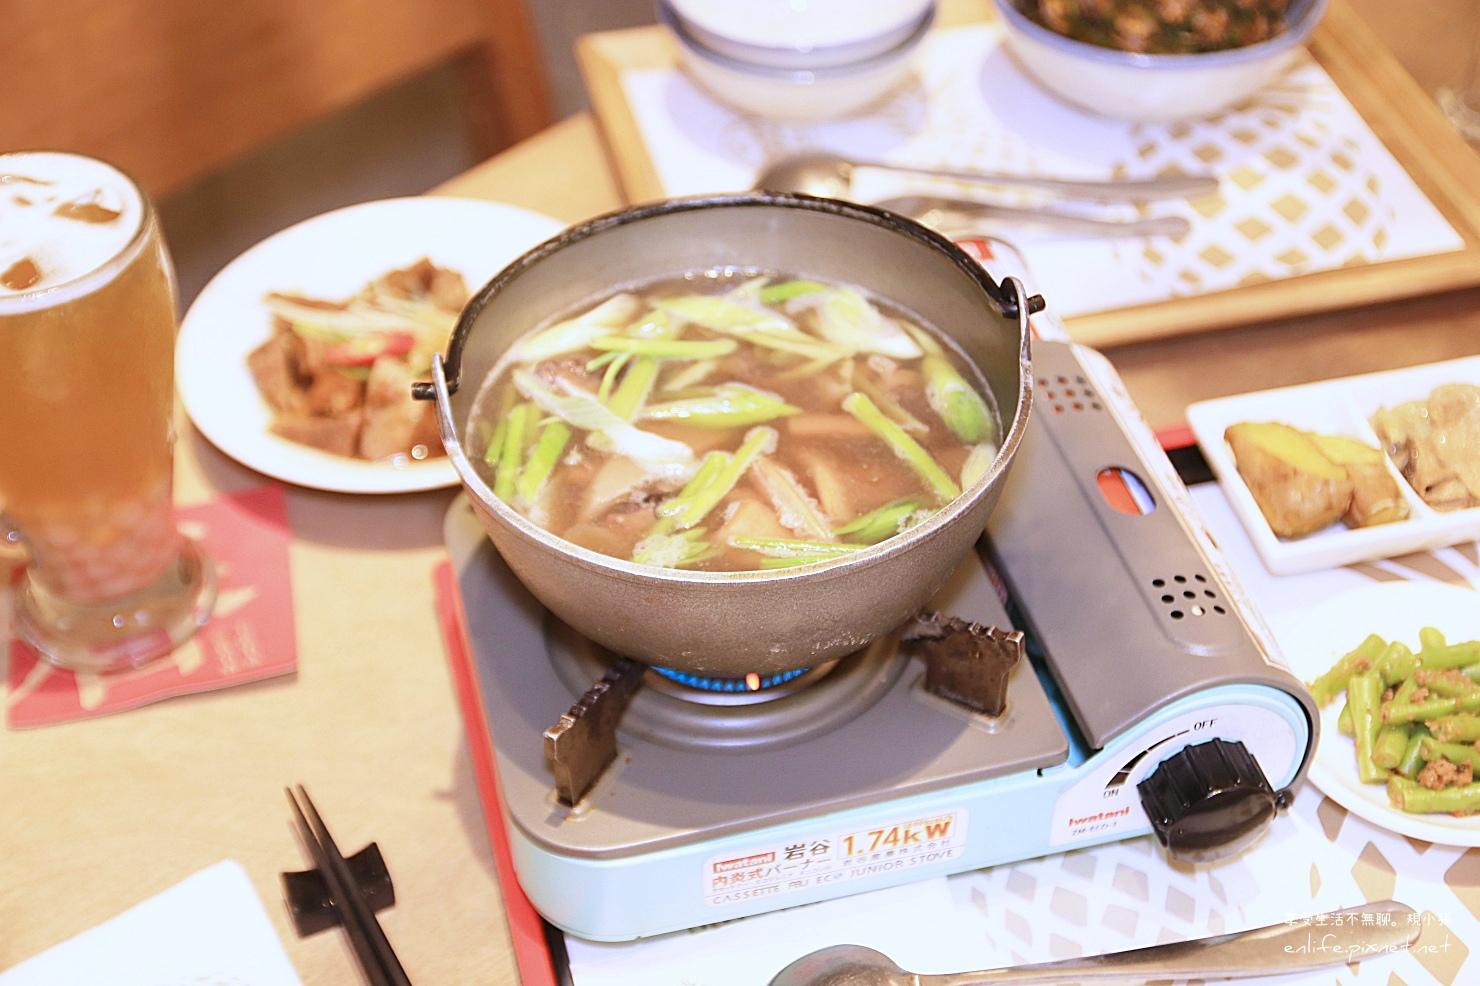 台中美食有春茶館-魷魚螺肉蒜鍋(升級肉燥飯)